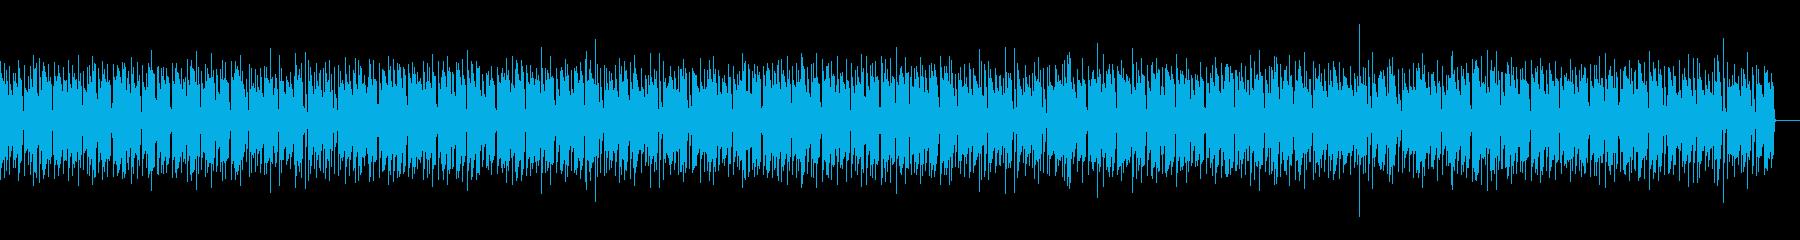 和やかで落ちついたシンプルなエレクトーンの再生済みの波形